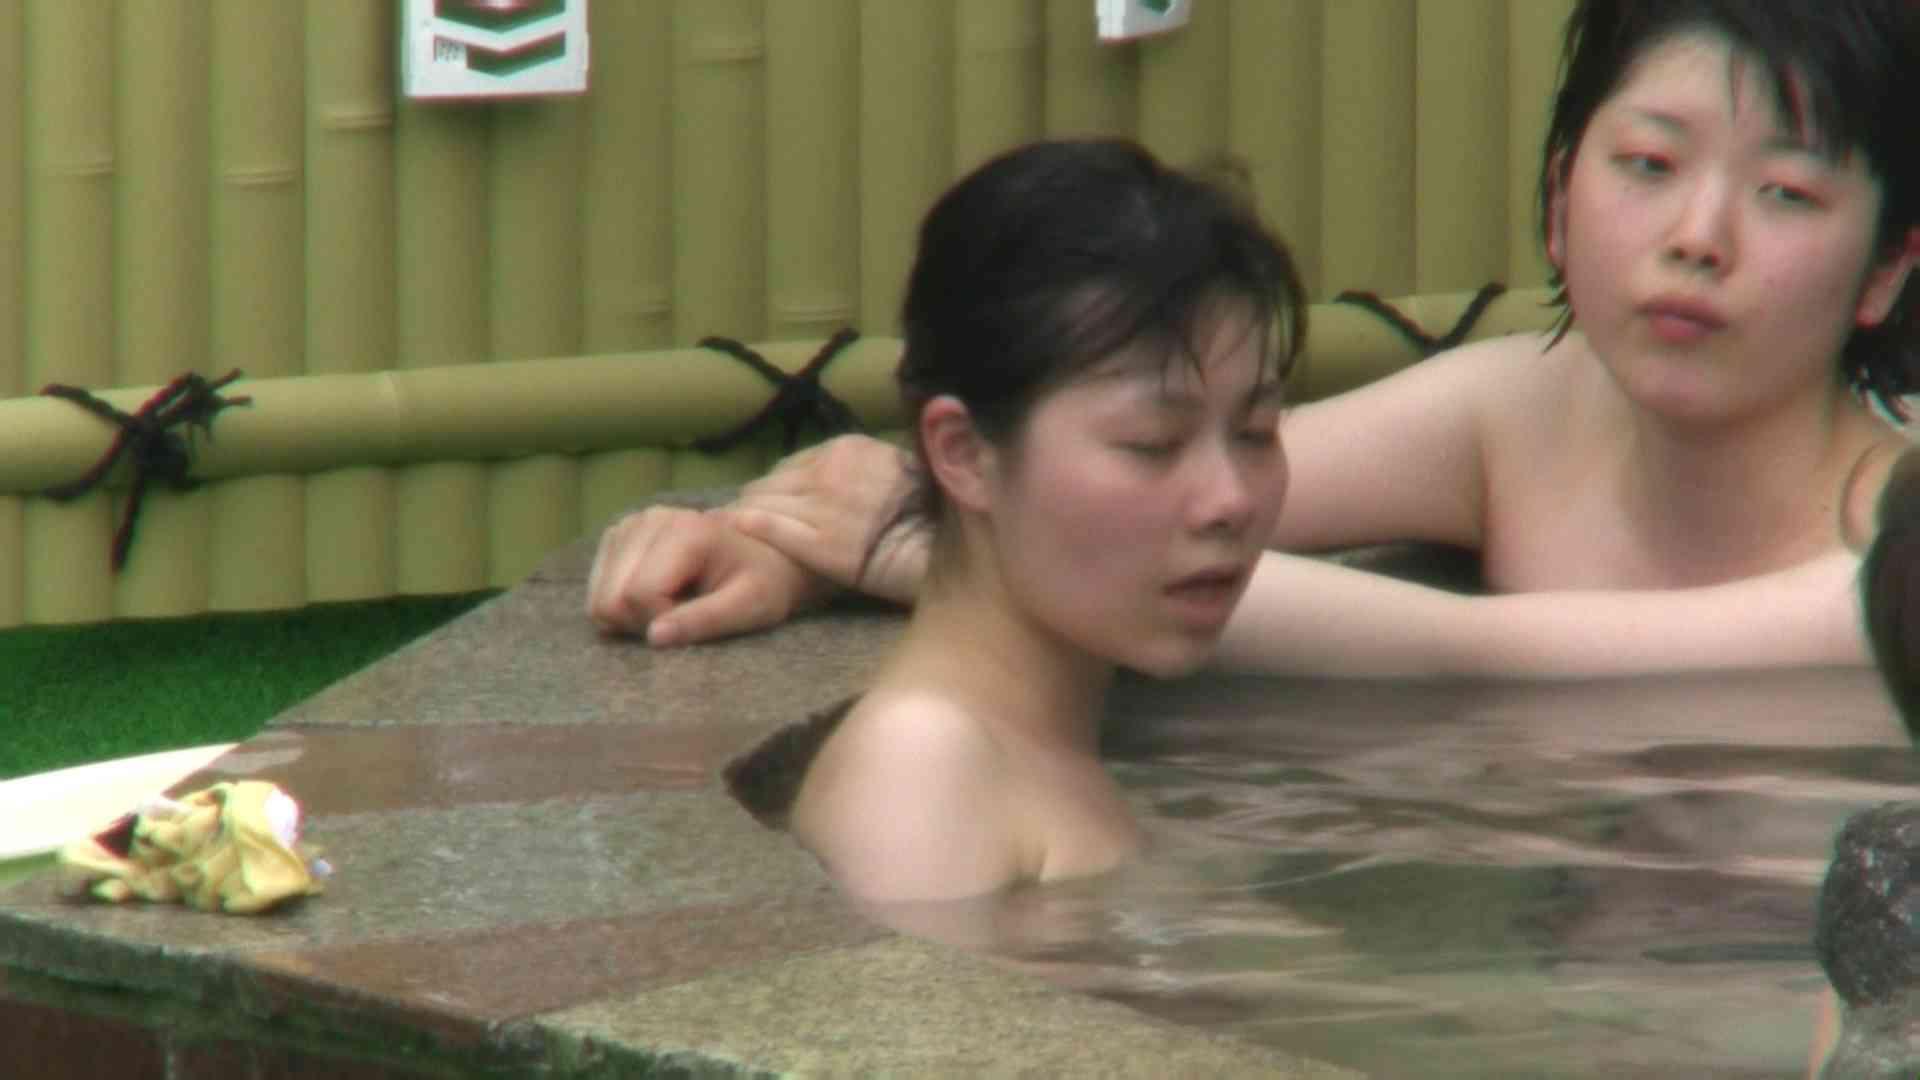 Aquaな露天風呂Vol.65【VIP限定】 盗撮 | 露天  95画像 7